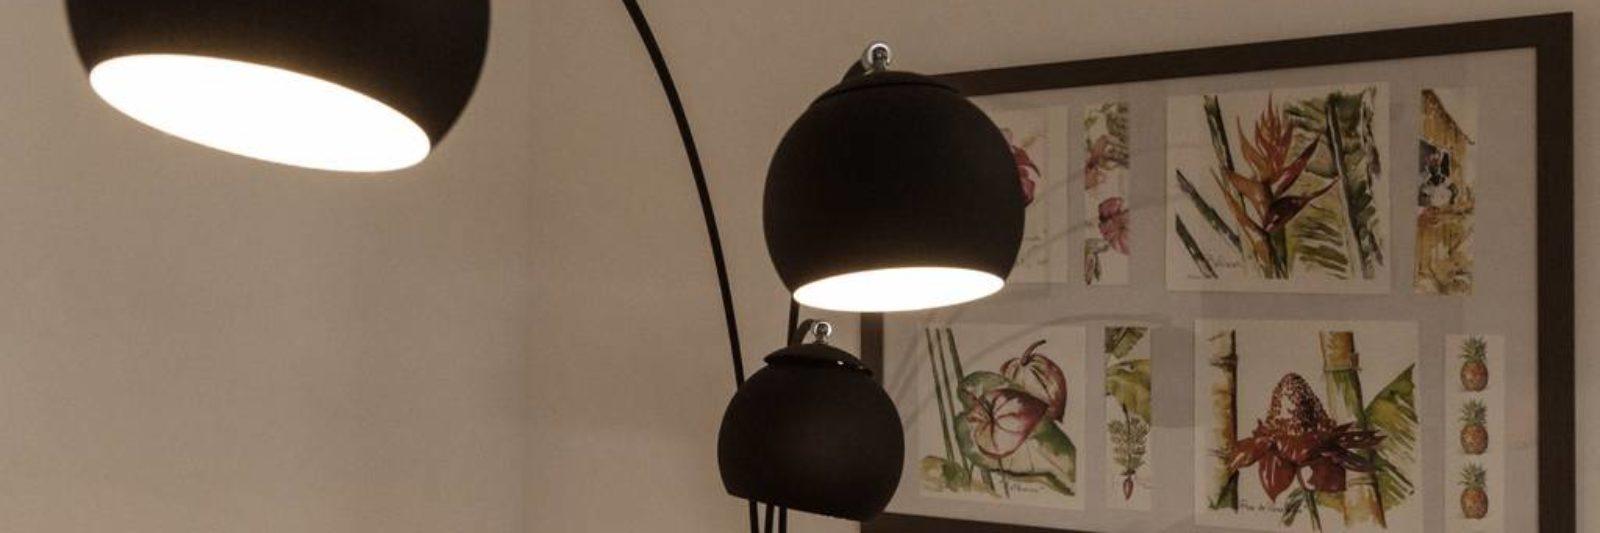 Lampe Pastorelli